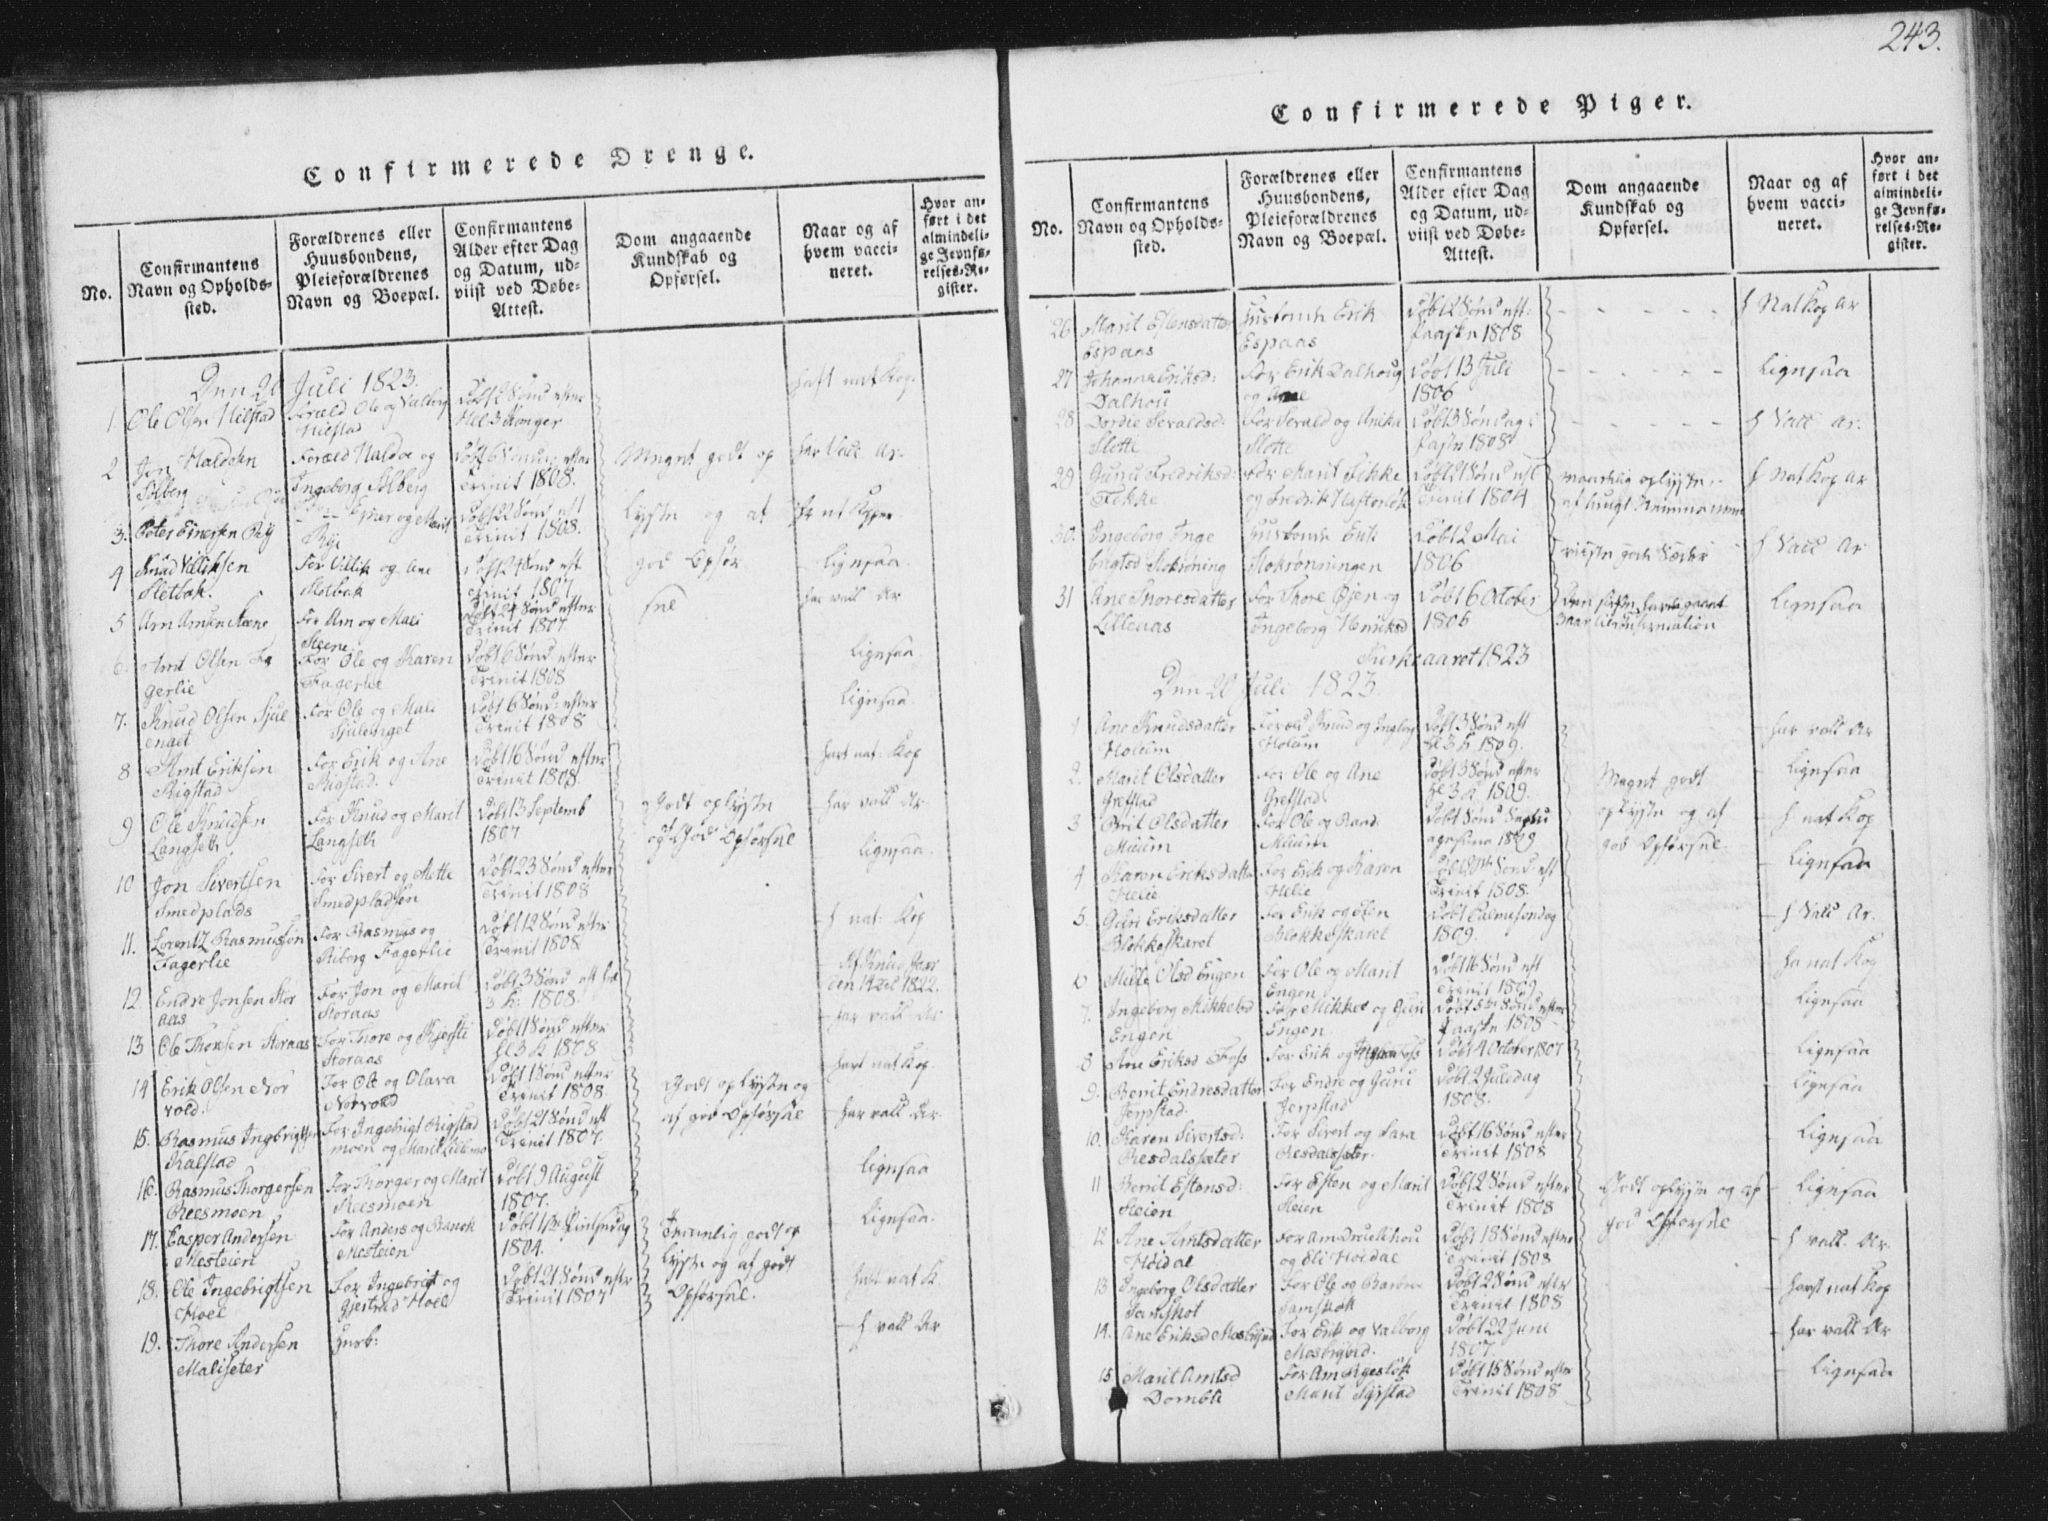 SAT, Ministerialprotokoller, klokkerbøker og fødselsregistre - Sør-Trøndelag, 672/L0862: Klokkerbok nr. 672C01, 1816-1831, s. 243